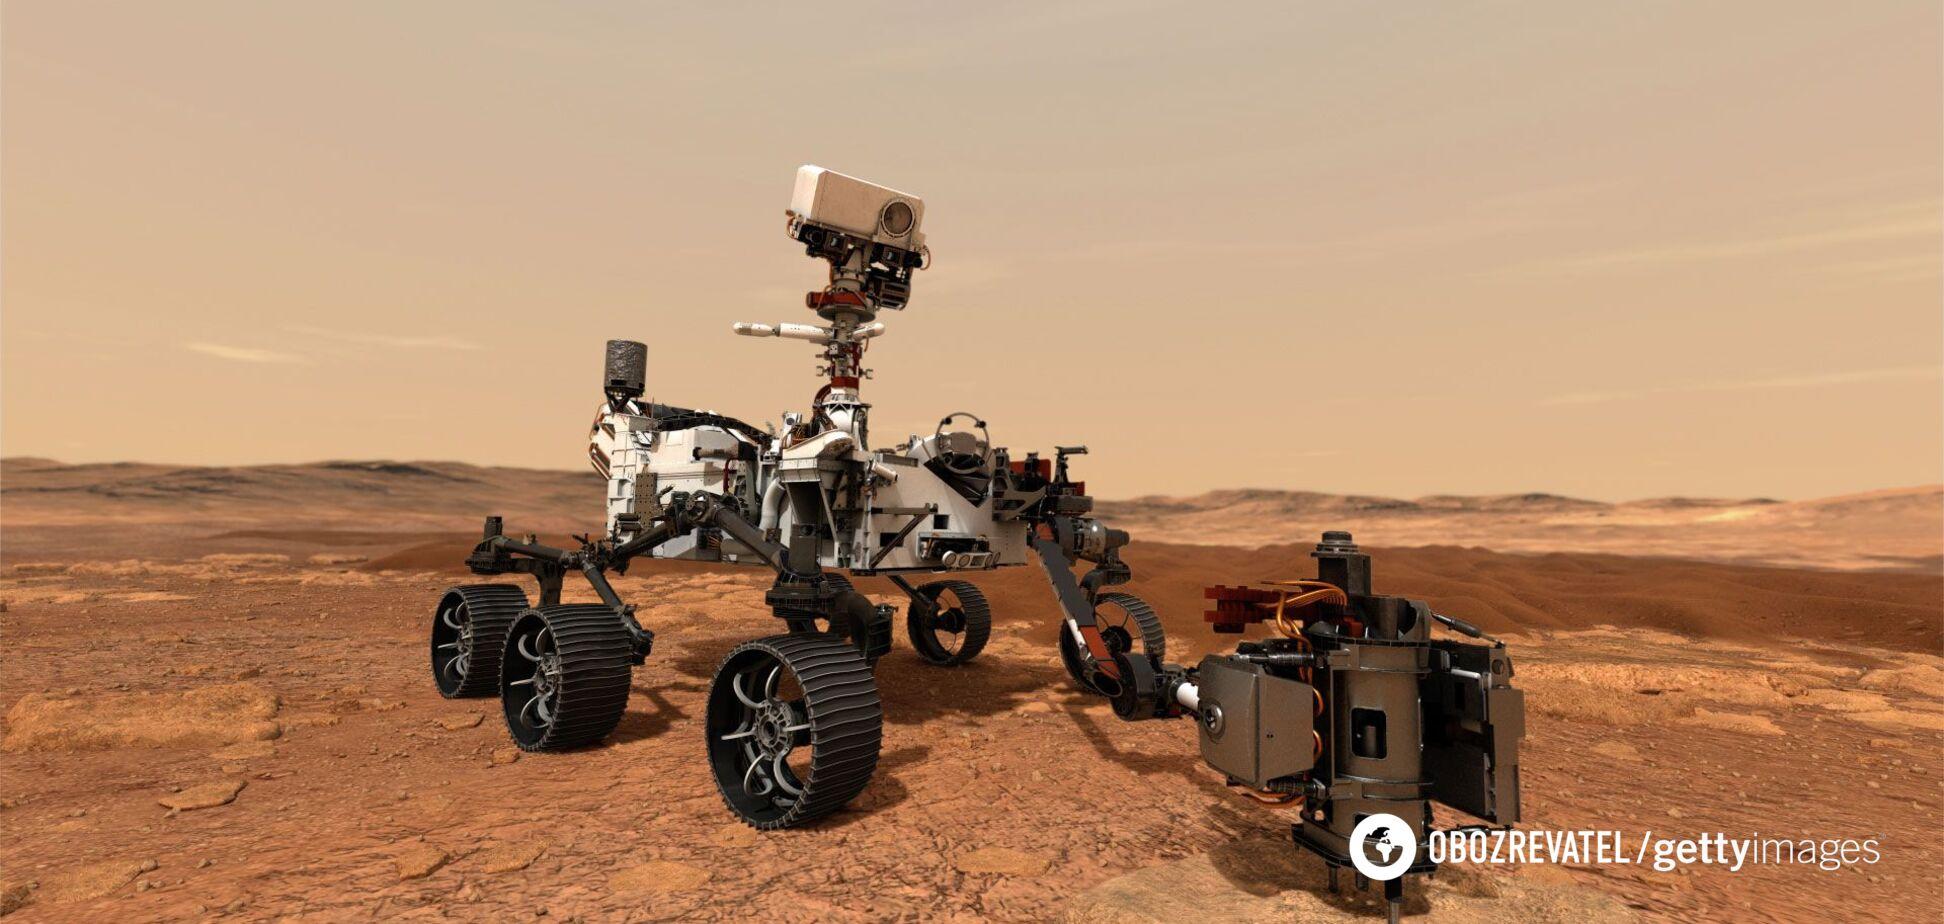 Марсоход Perseverance показал первое фото с геликоптером Ingenuity